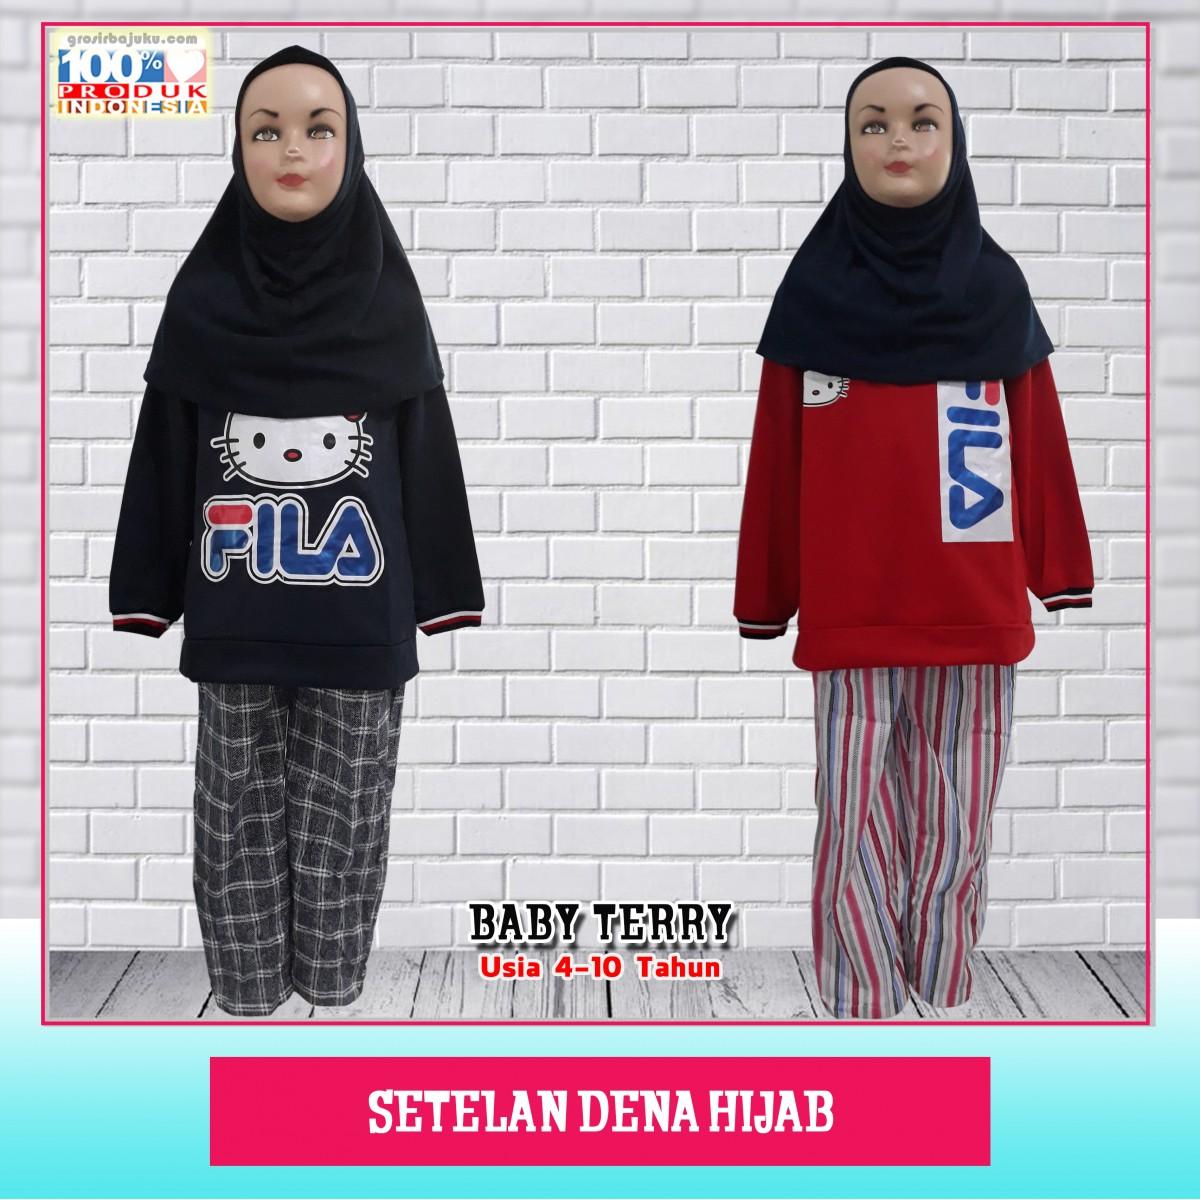 Pusat Grosir Baju Murah Solo Klewer 2019 Supplier Setelan Dena Hijab Murah di Solo